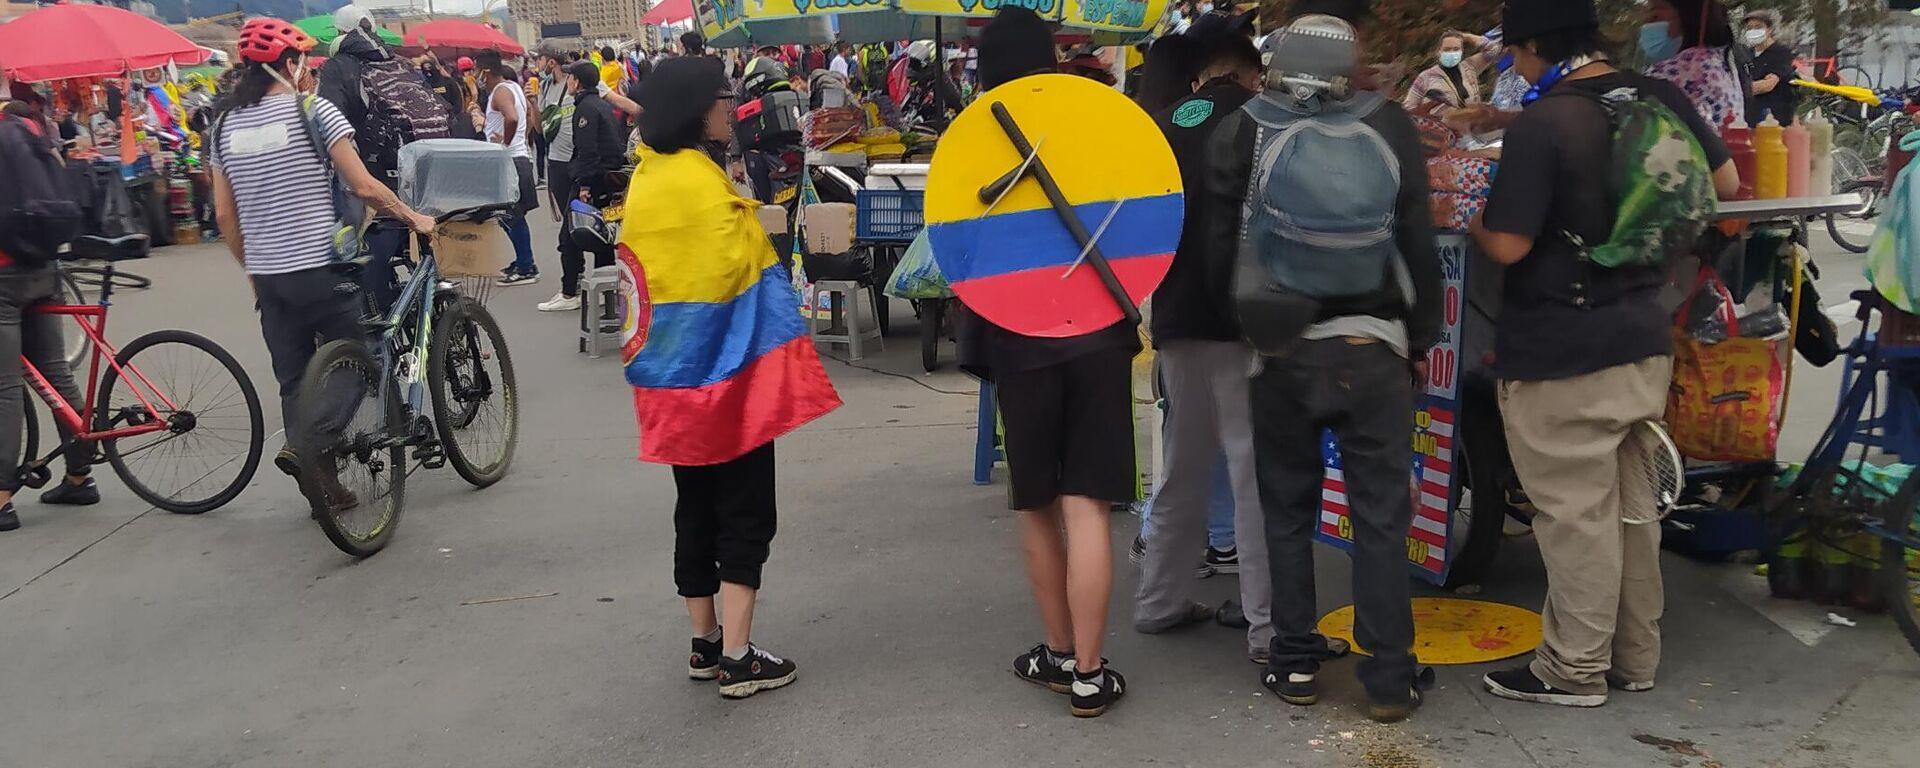 Protestas en Bogotá - Sputnik Mundo, 1920, 27.08.2021